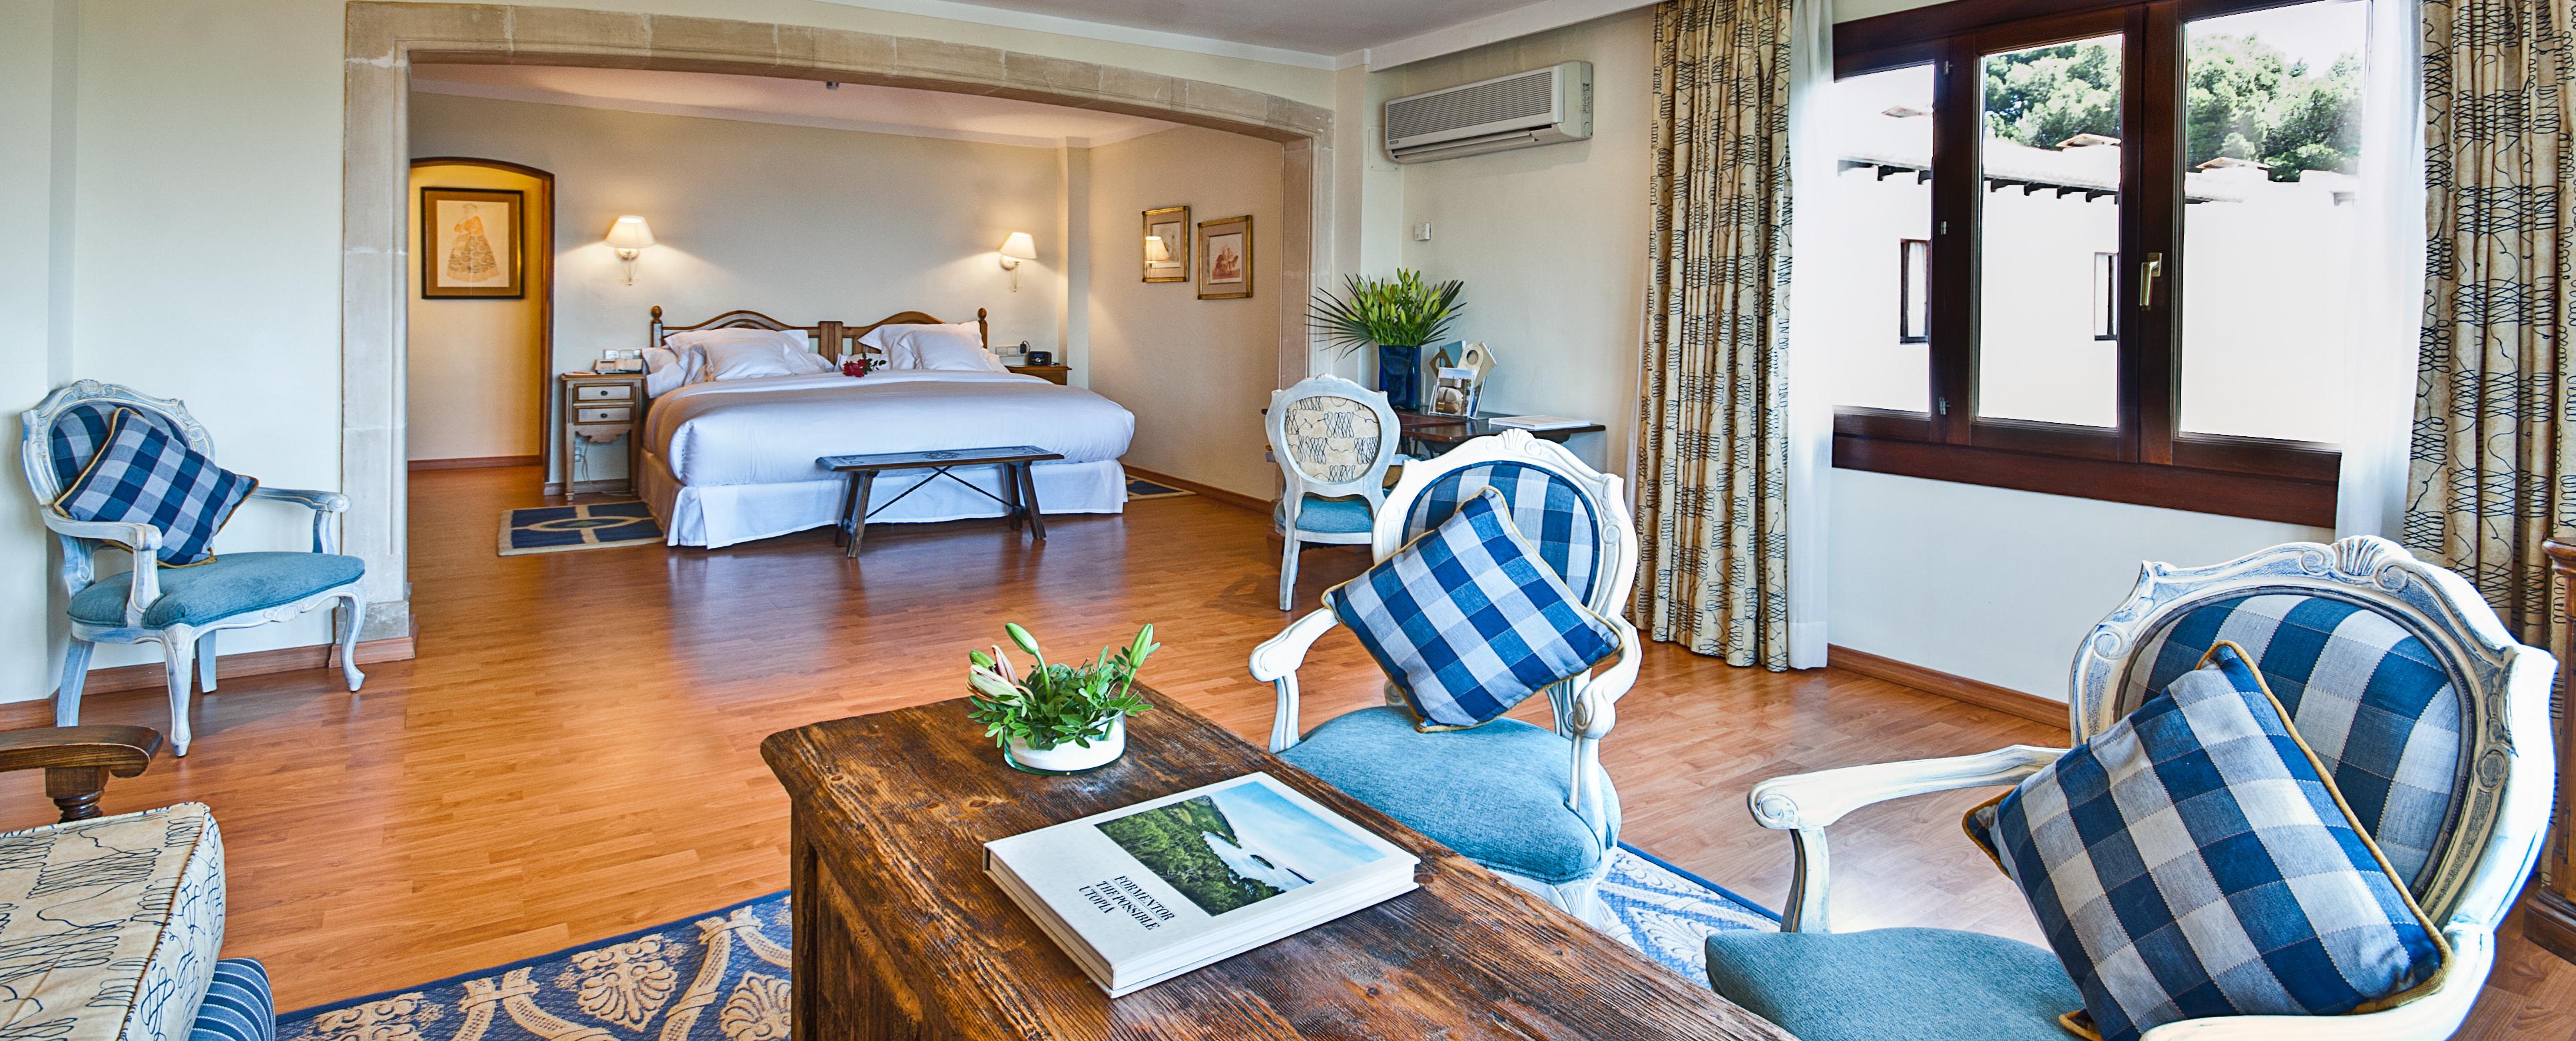 junior-suite-formentor-hotel